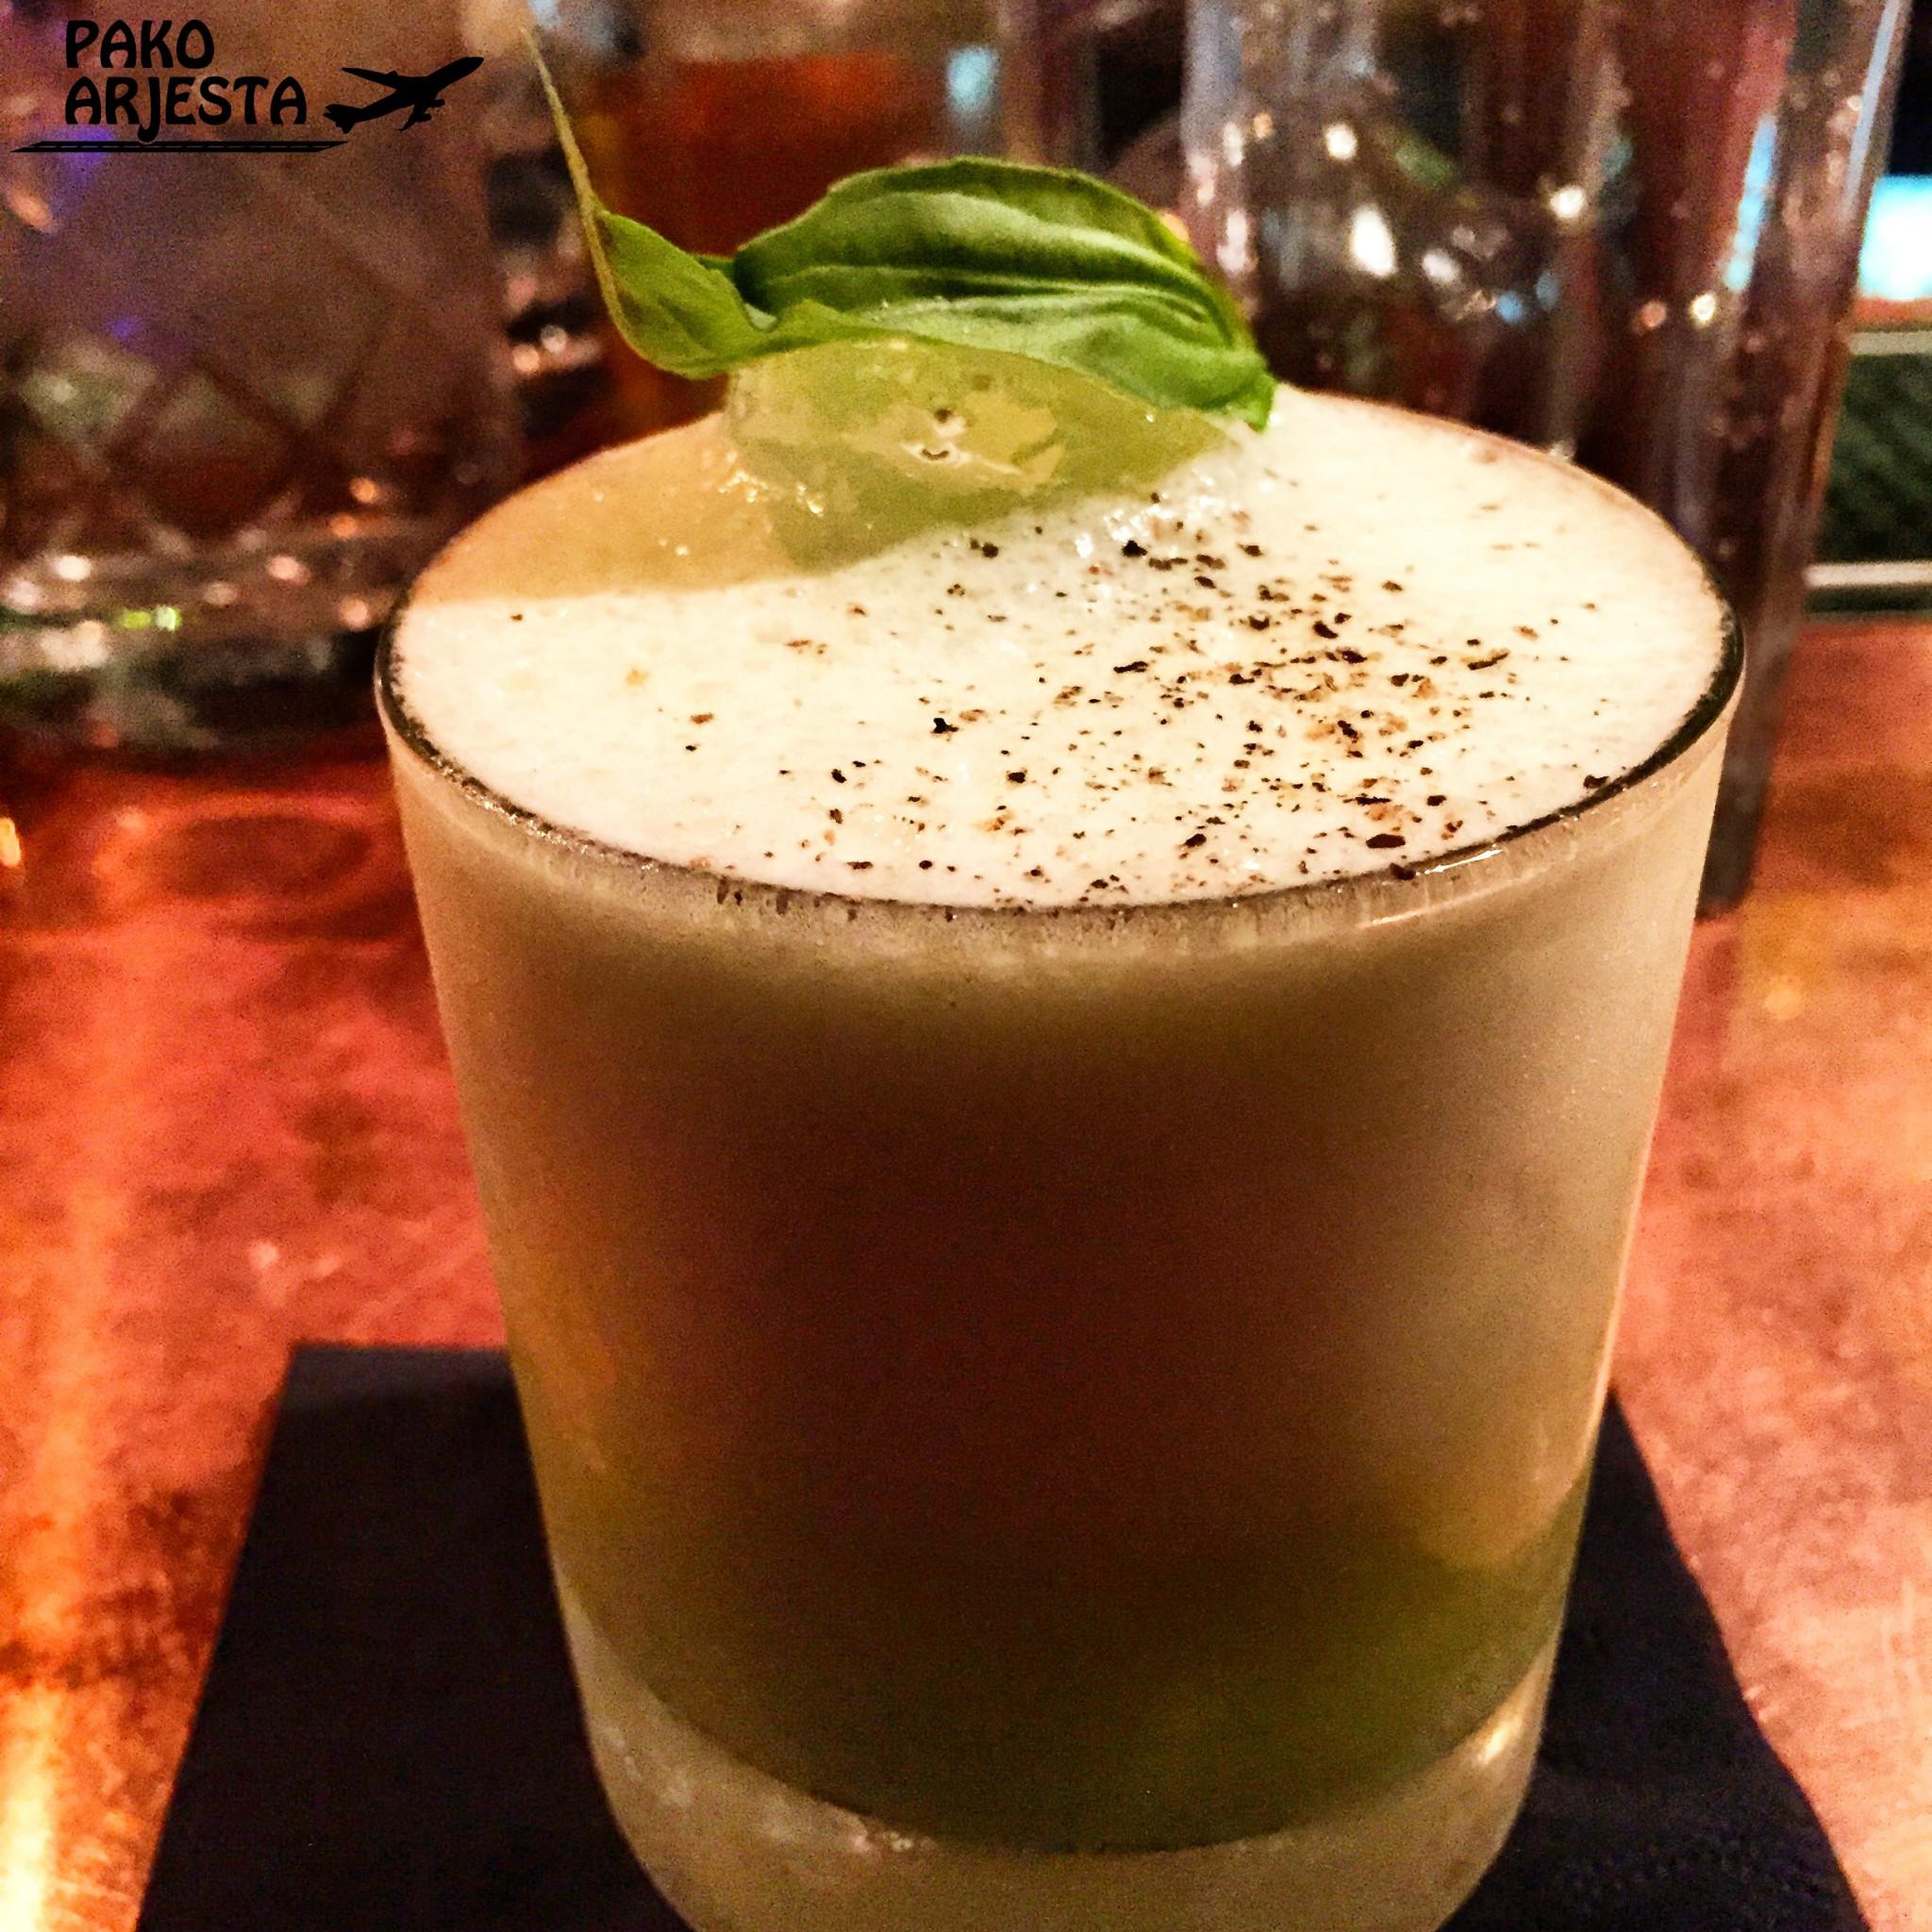 Oilivia-drinkki, joka sisältää mm. oliiviöljyä, mustapippuria ja basilikaa :P. Hyvää!